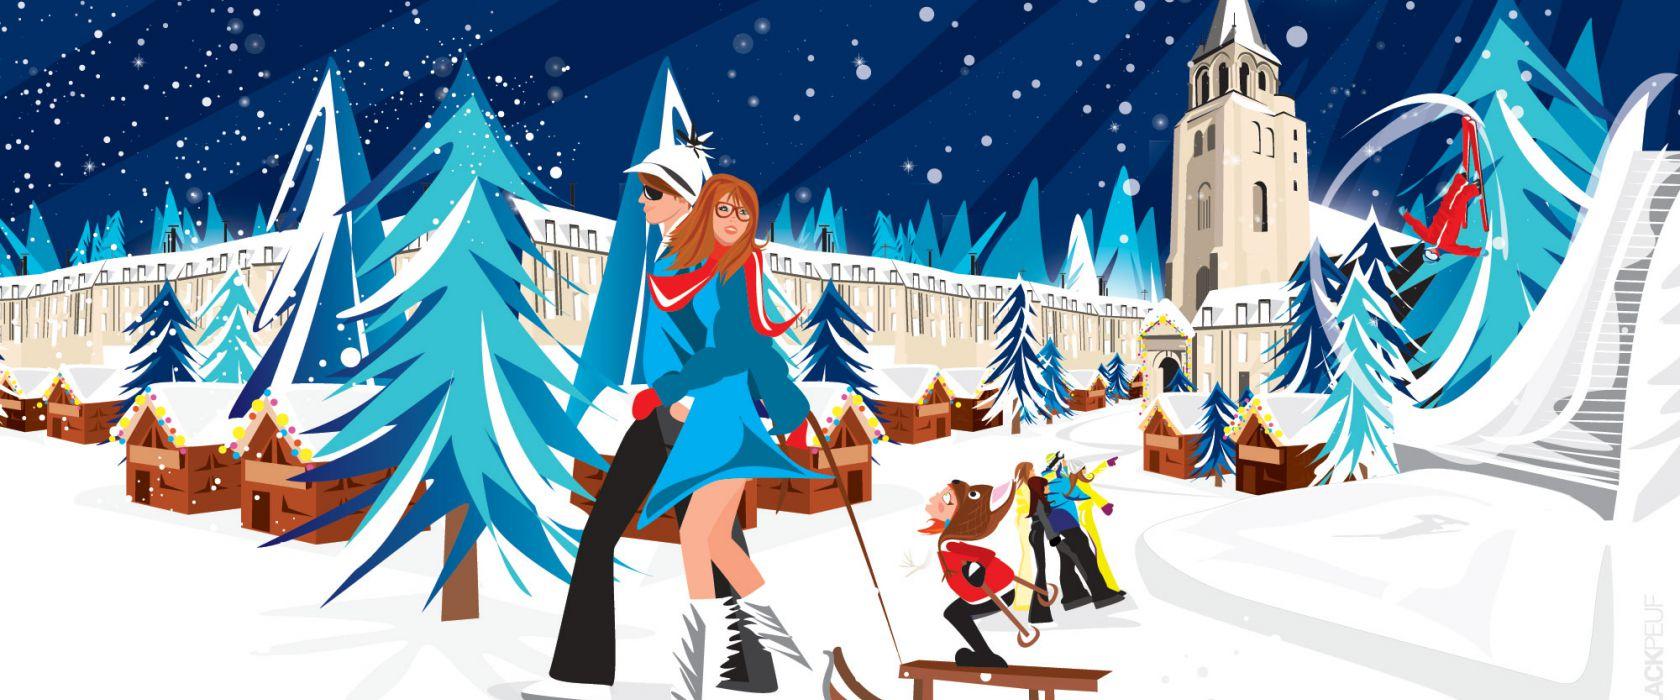 salon-famille-femmes-stations-ski-découverte-tourisme